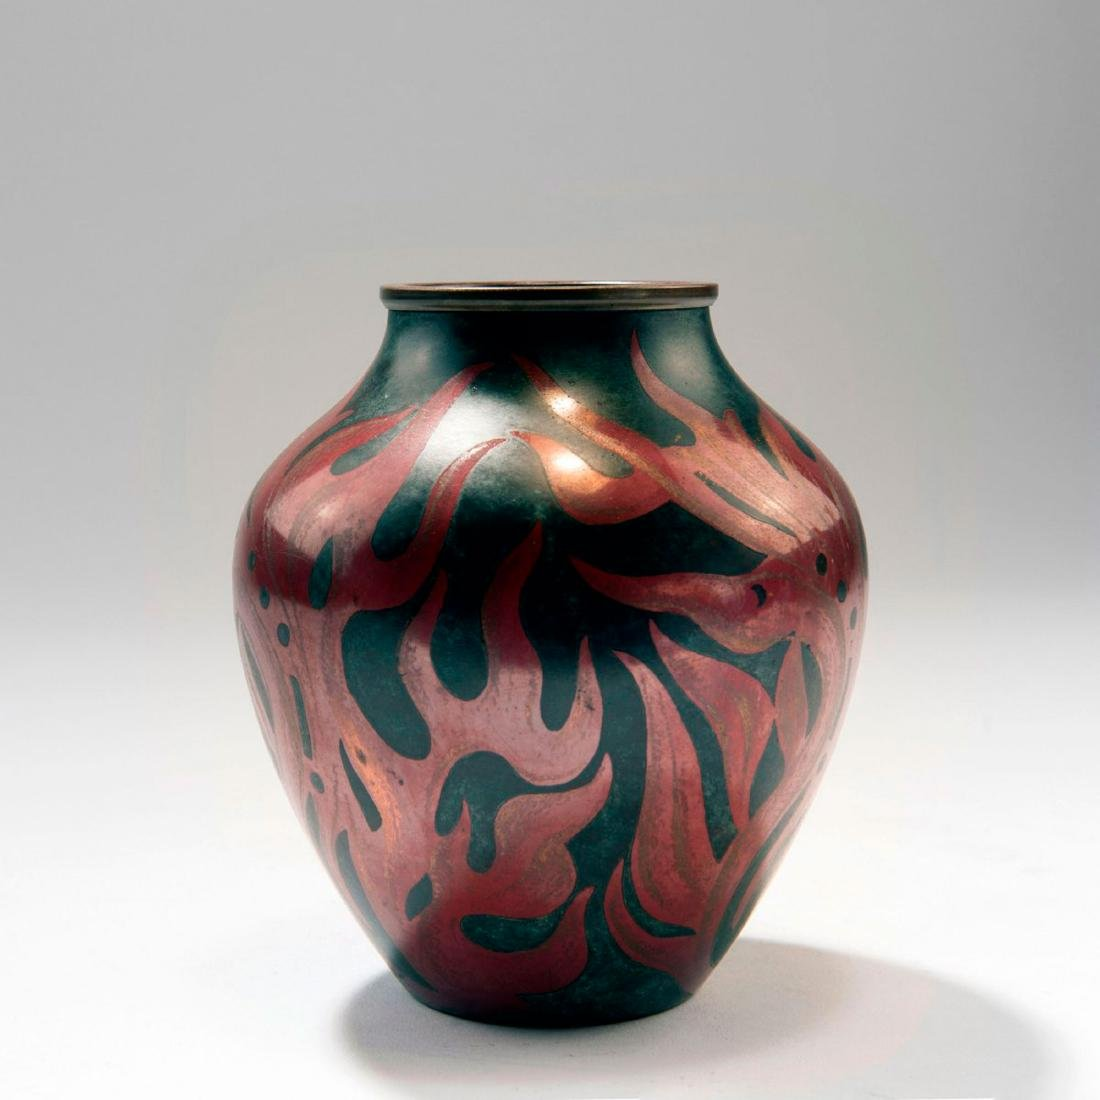 'Ikora' vase, 1930s